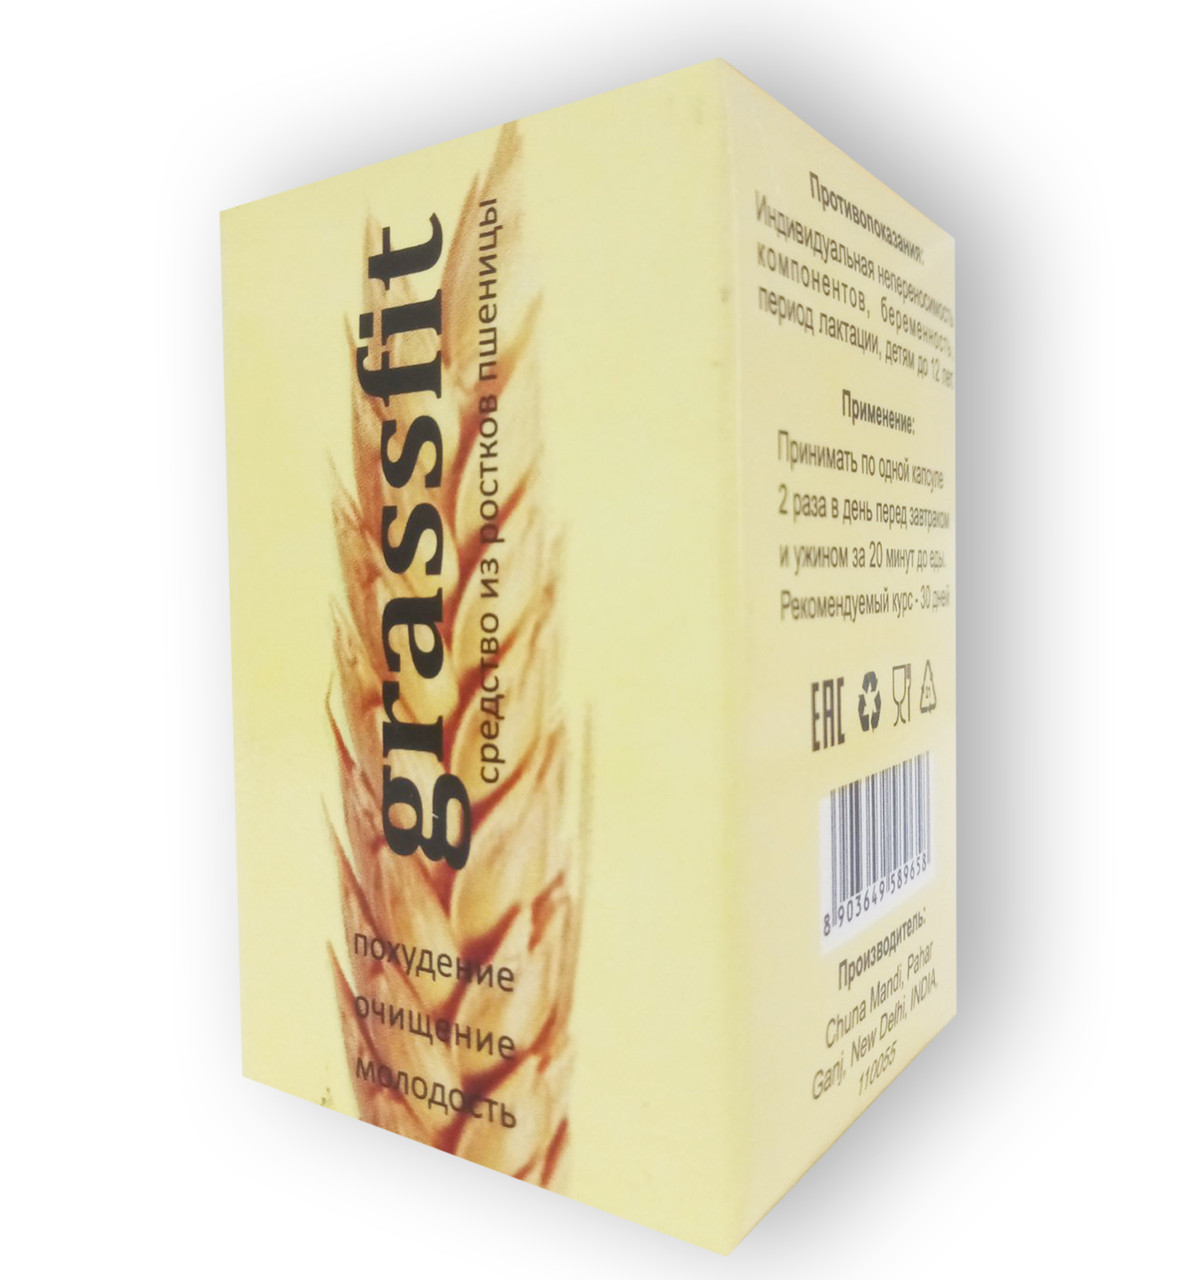 Grassfit - Капсулы для похудения из ростков пшеницы (Грассфит)